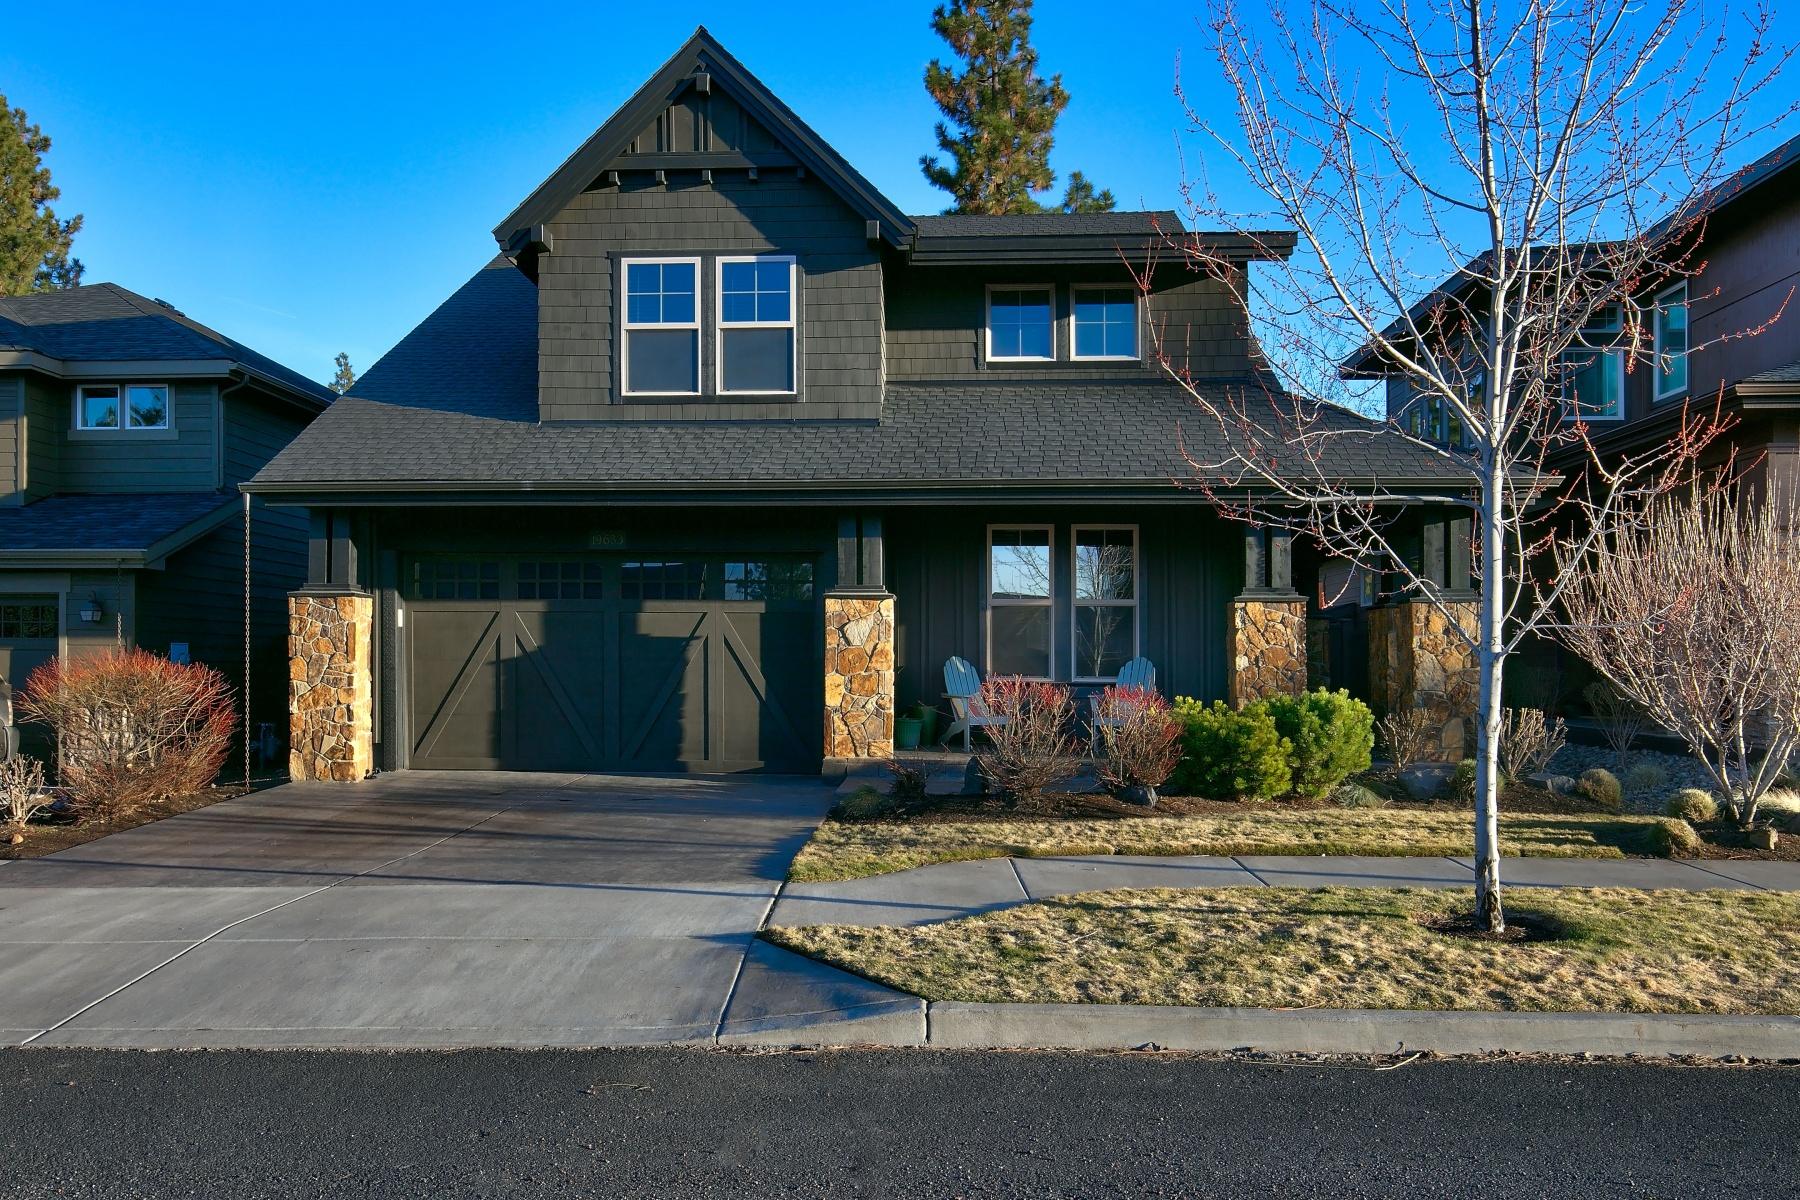 Einfamilienhaus für Verkauf beim Renassaince Built Home in SW Bend! 19683 Hollygrape St Bend, Oregon, 97702 Vereinigte Staaten